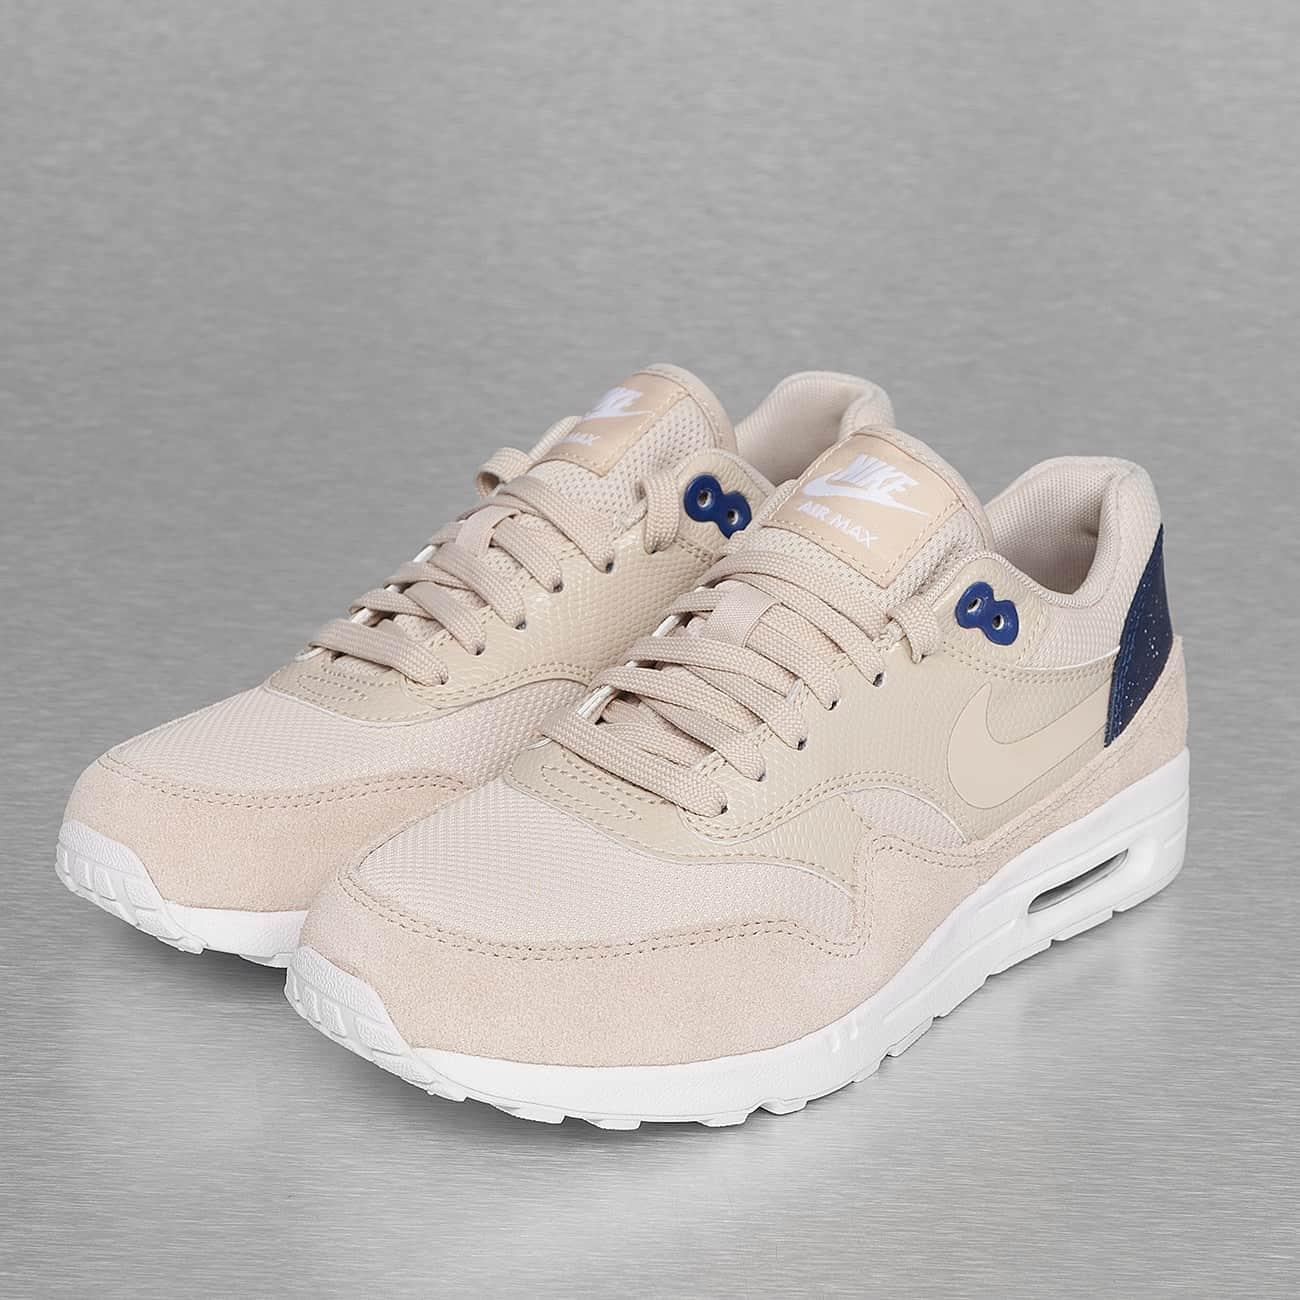 Sneakers femmes nike sale